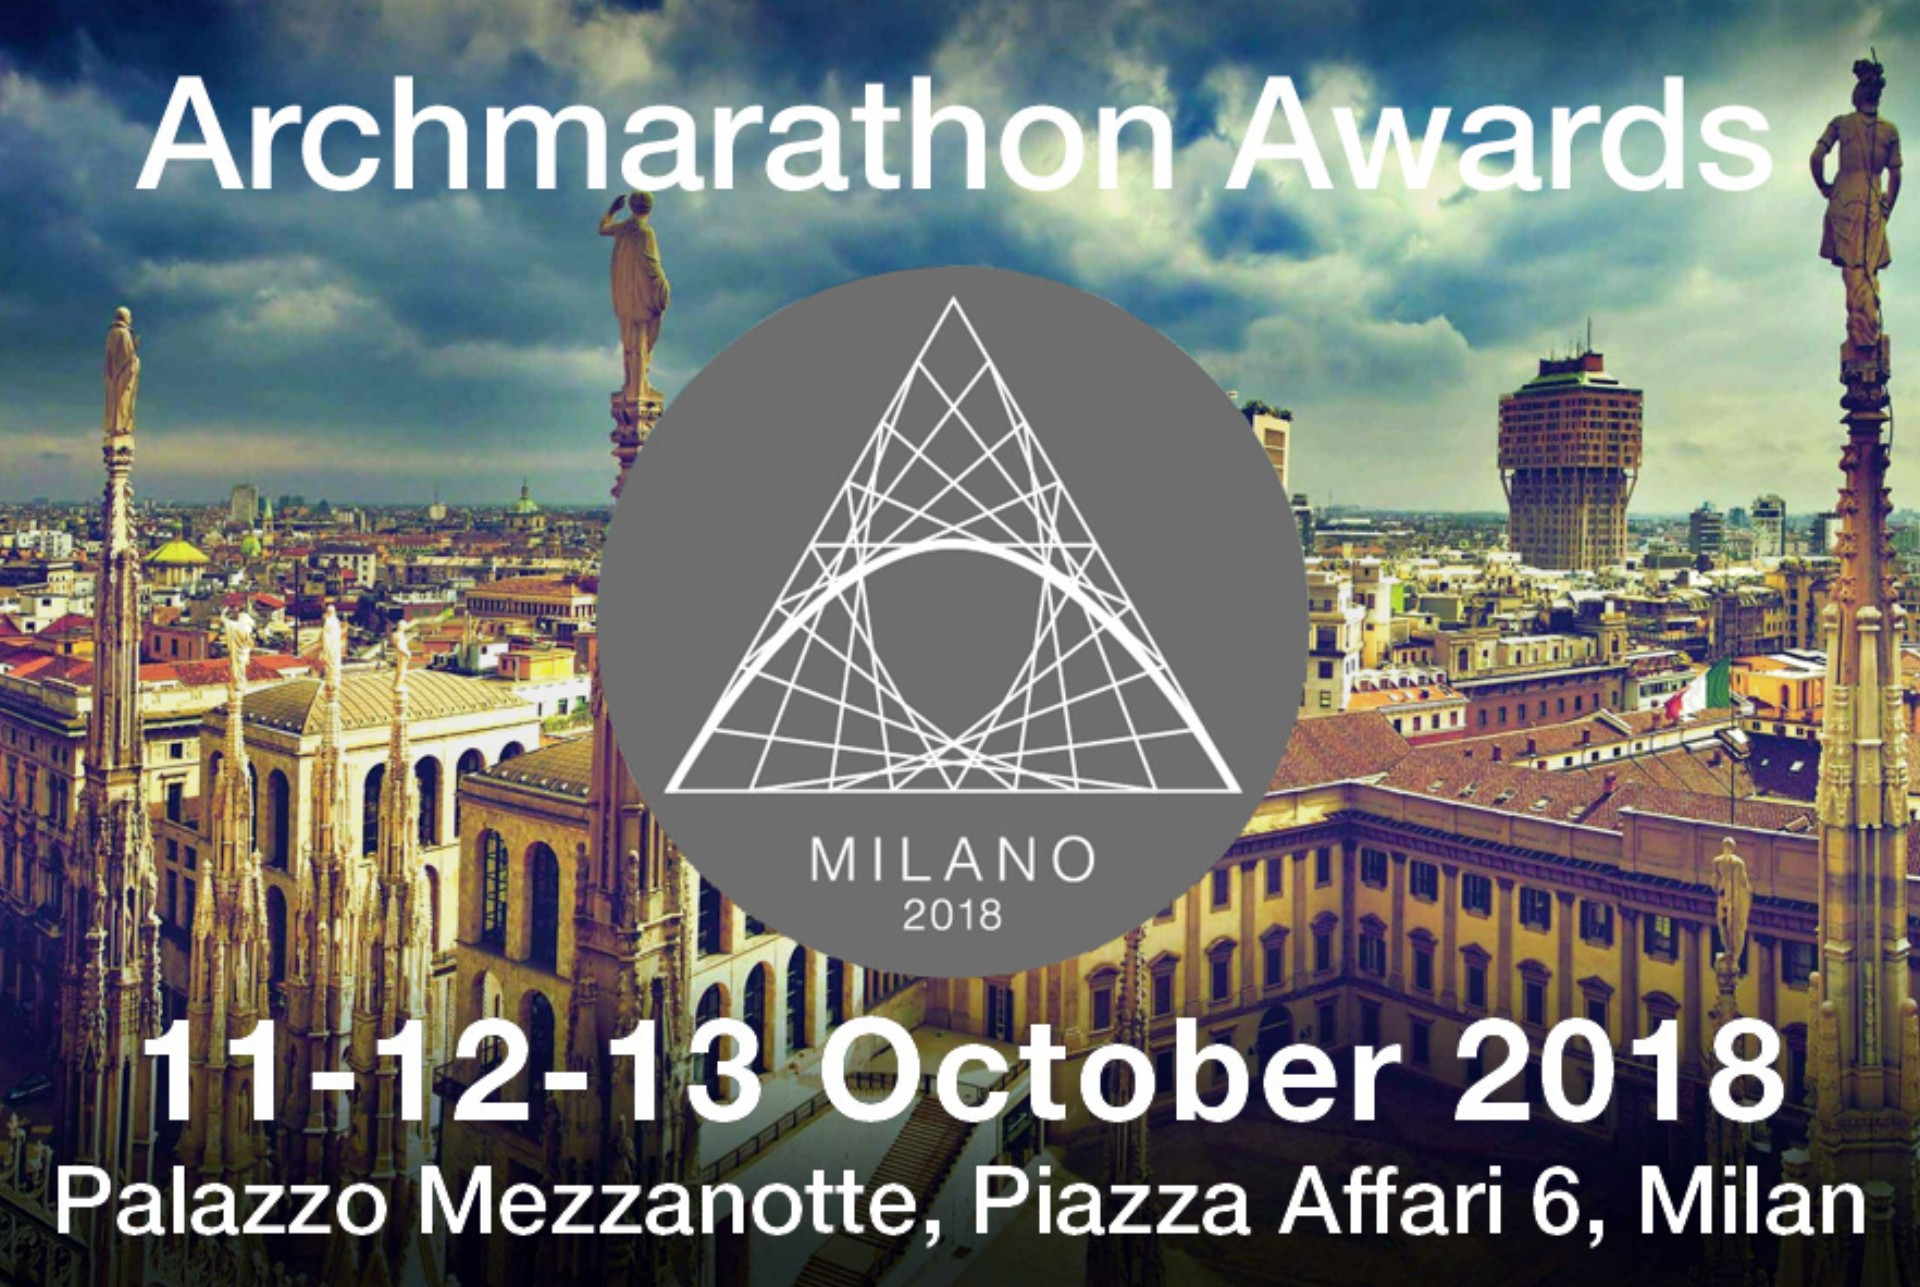 Mvrdv y francisco pardo ganan los archmarathon awards 2018 for Beyazit han suites